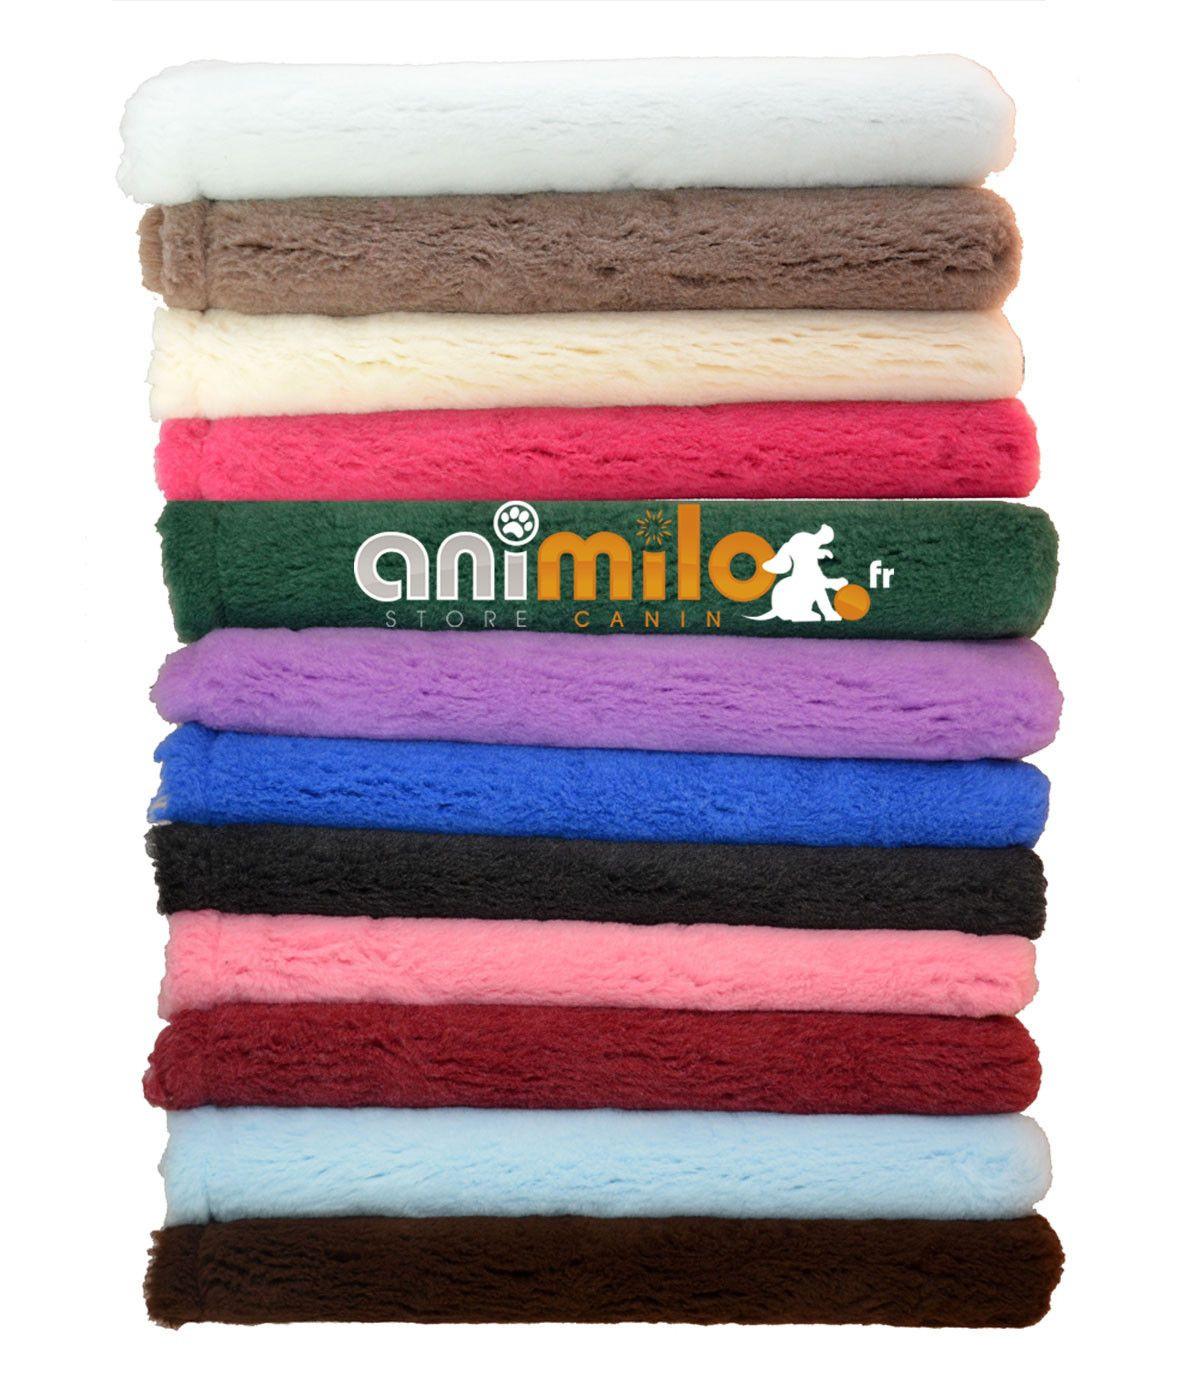 PROMO 3x tapis drainant Confortbed Eleveur couleur unie 26 mm